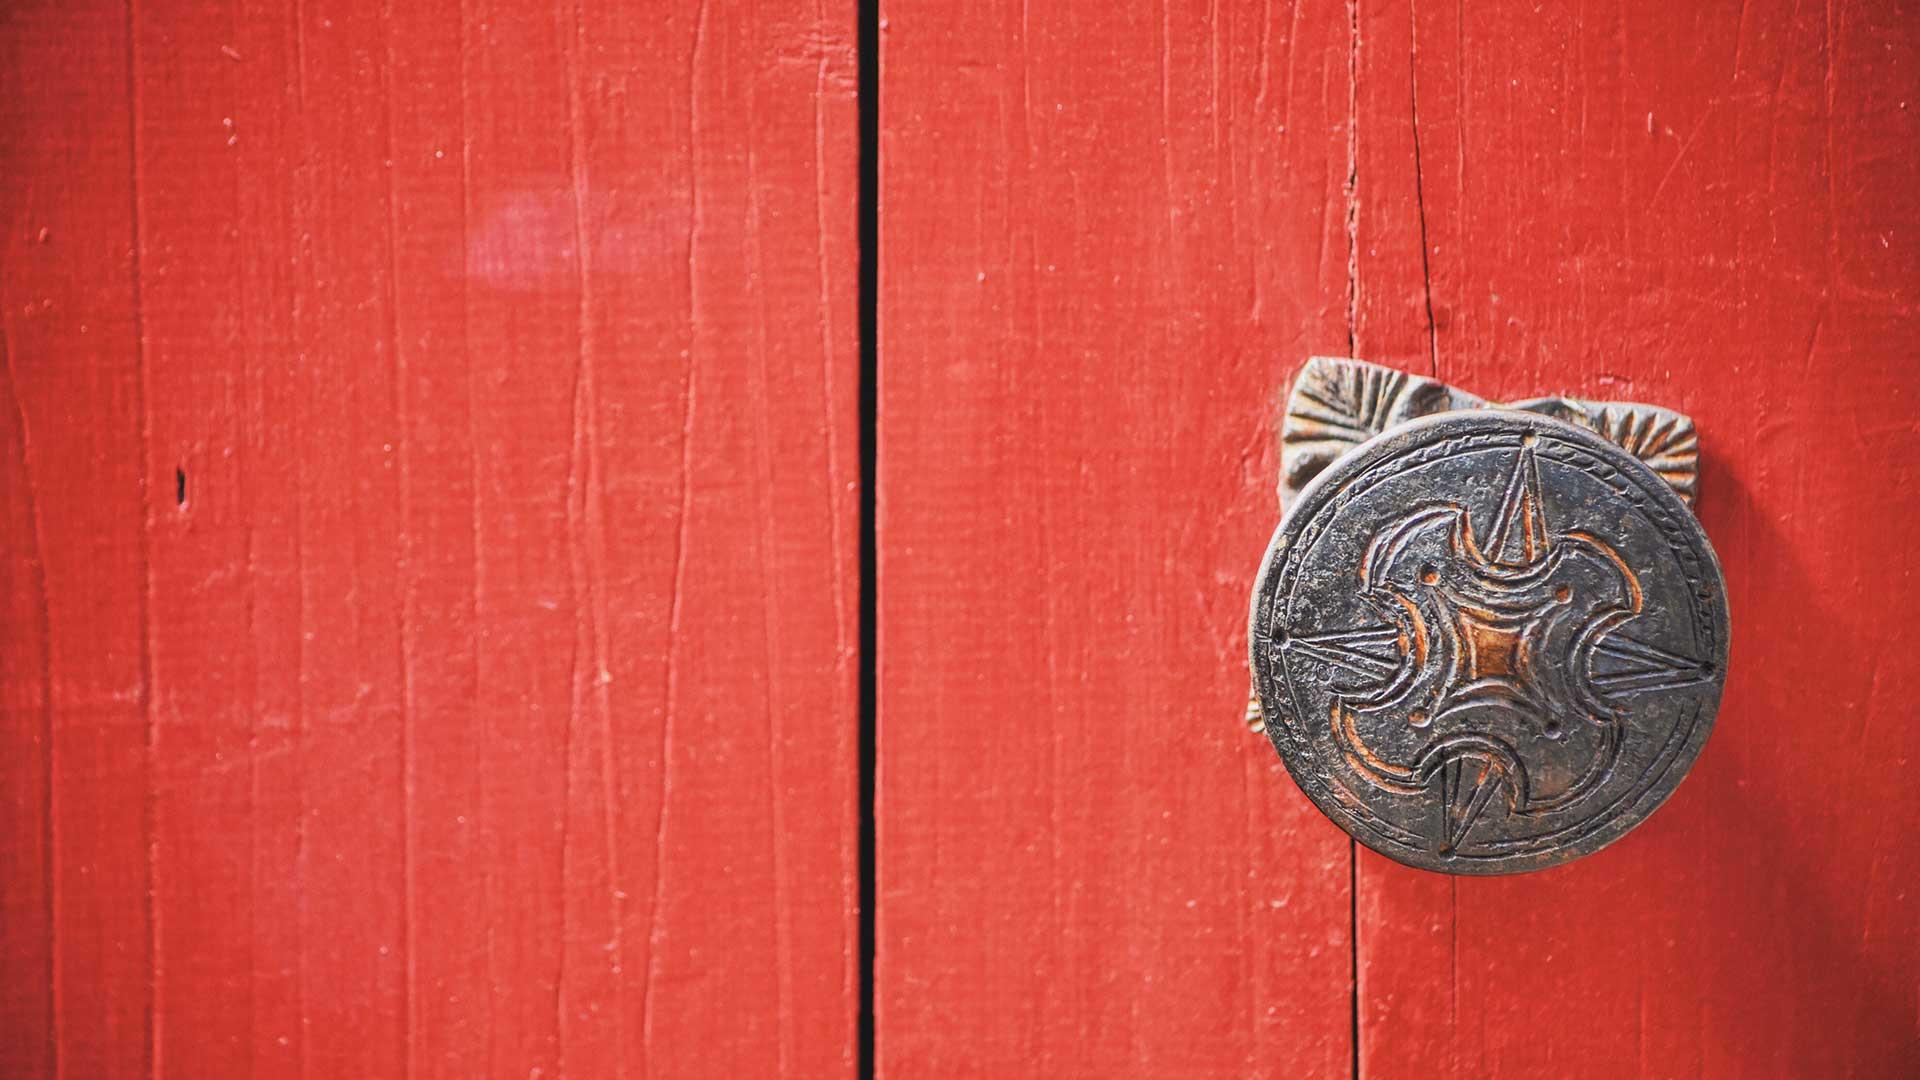 Red door with knob